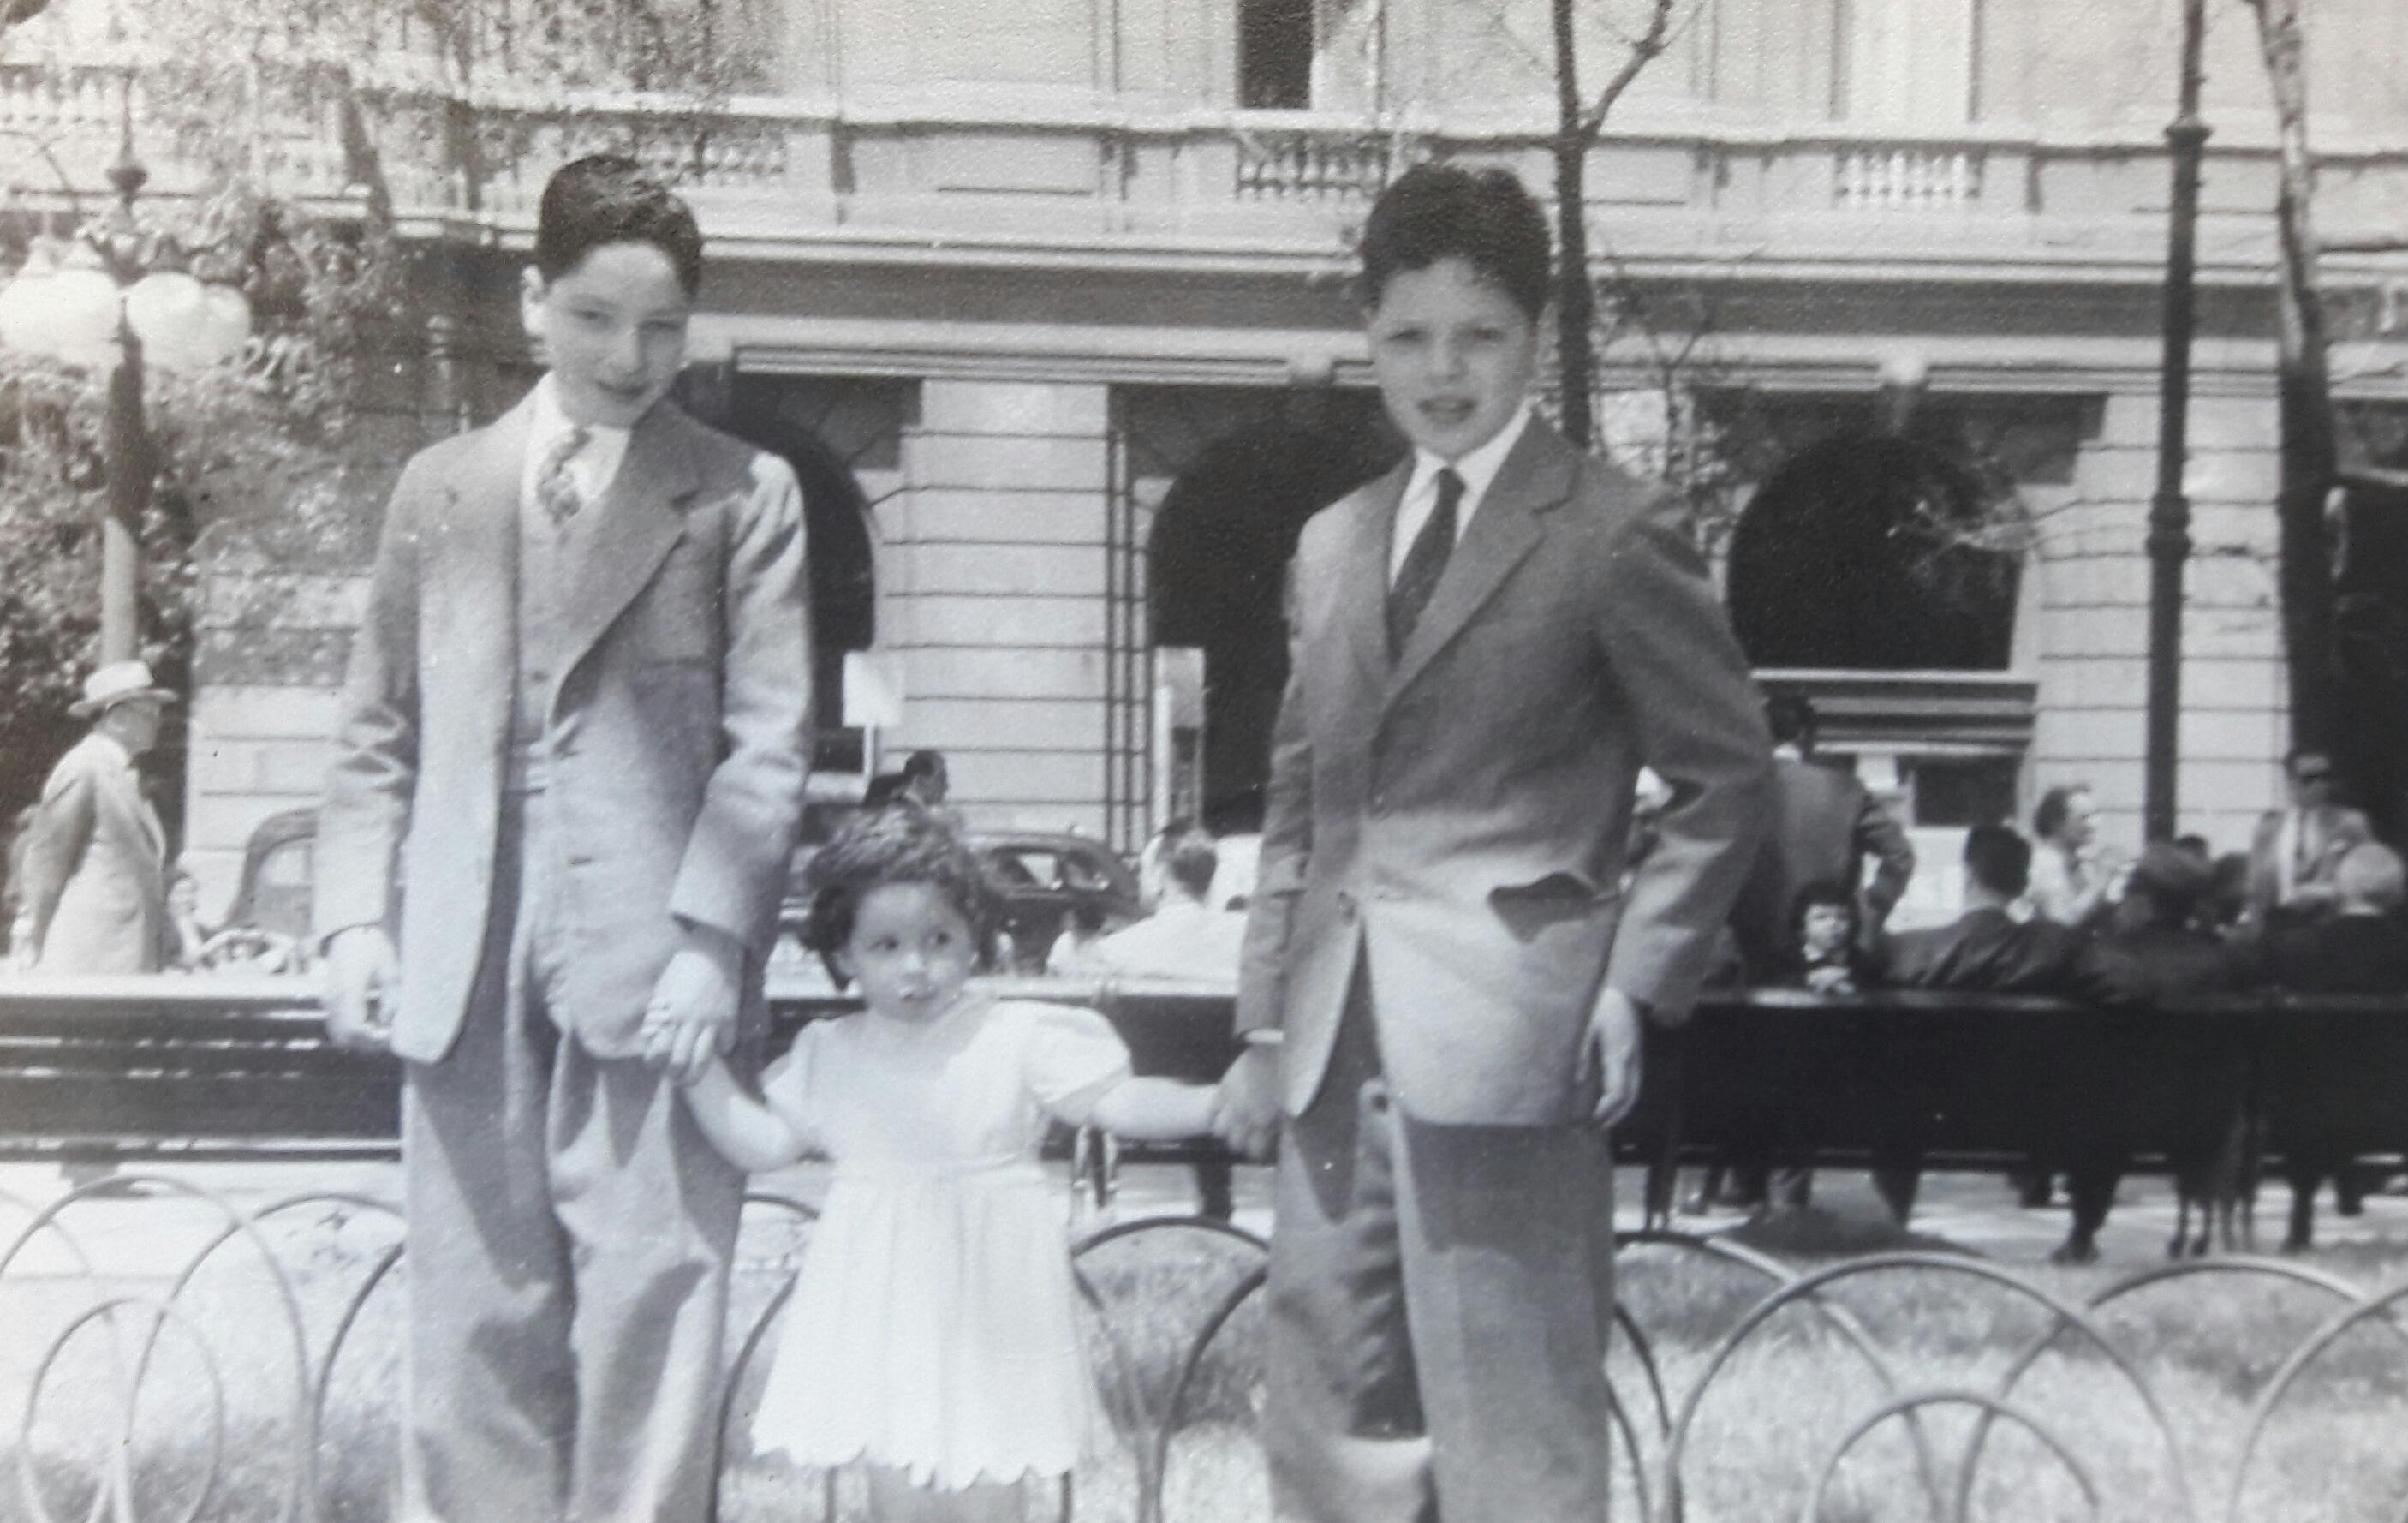 Enterreno - Fotos históricas de chile - fotos antiguas de Chile - Plaza de Armas, 1958